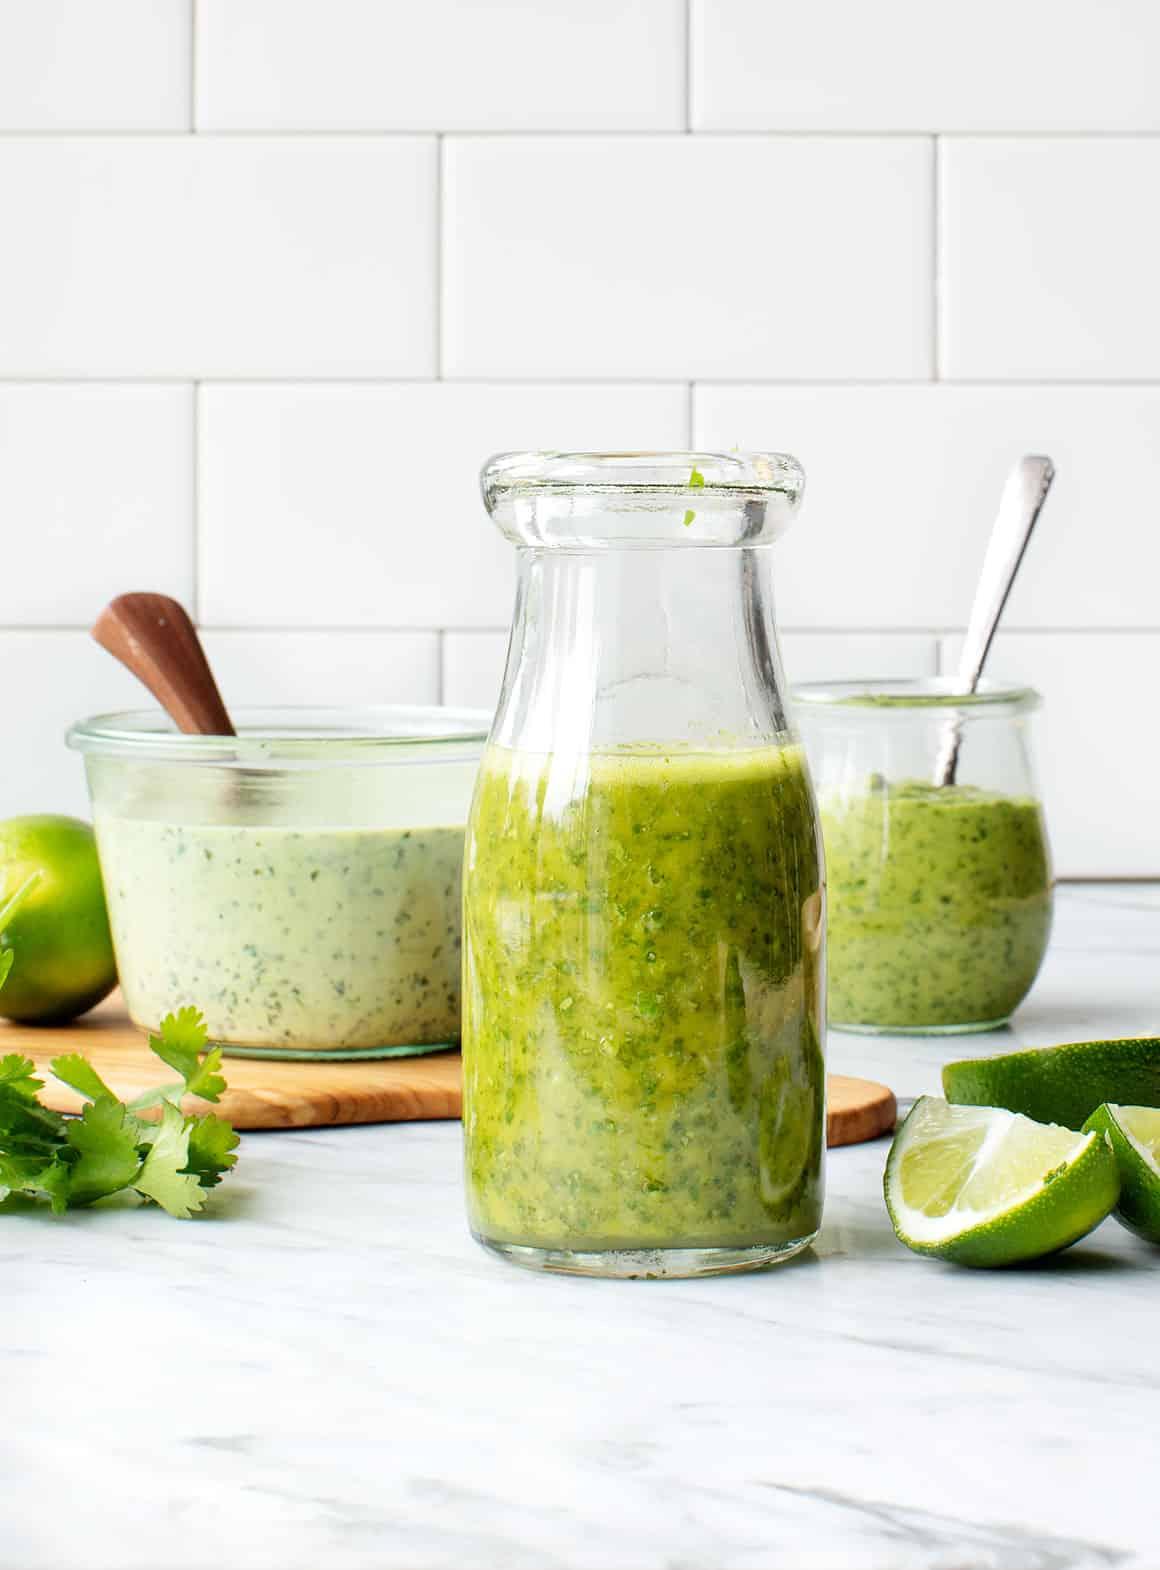 Avocado Lime Salad Dressing Recipe